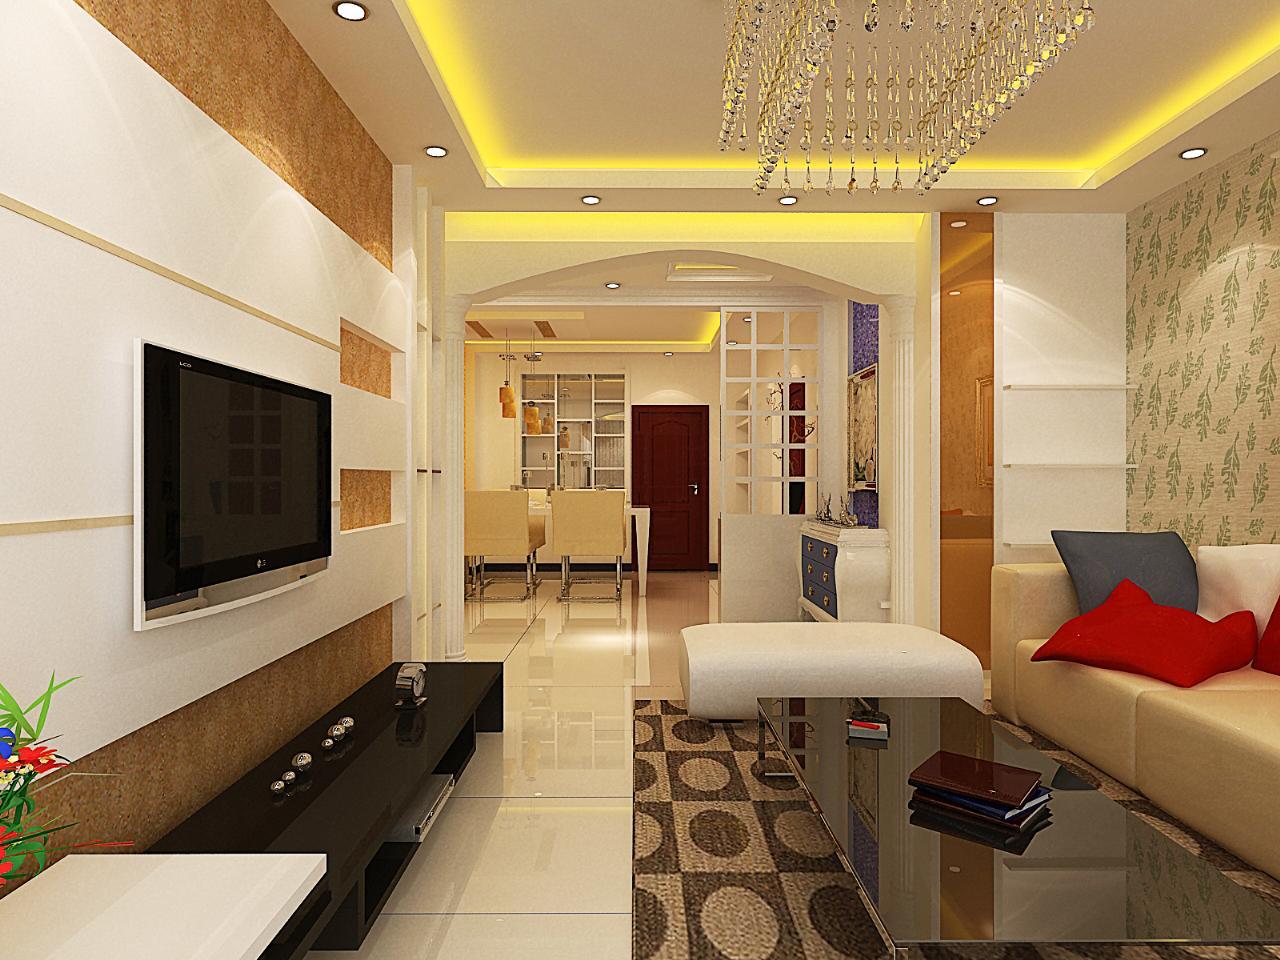 146平三室两厅户型现代欧式